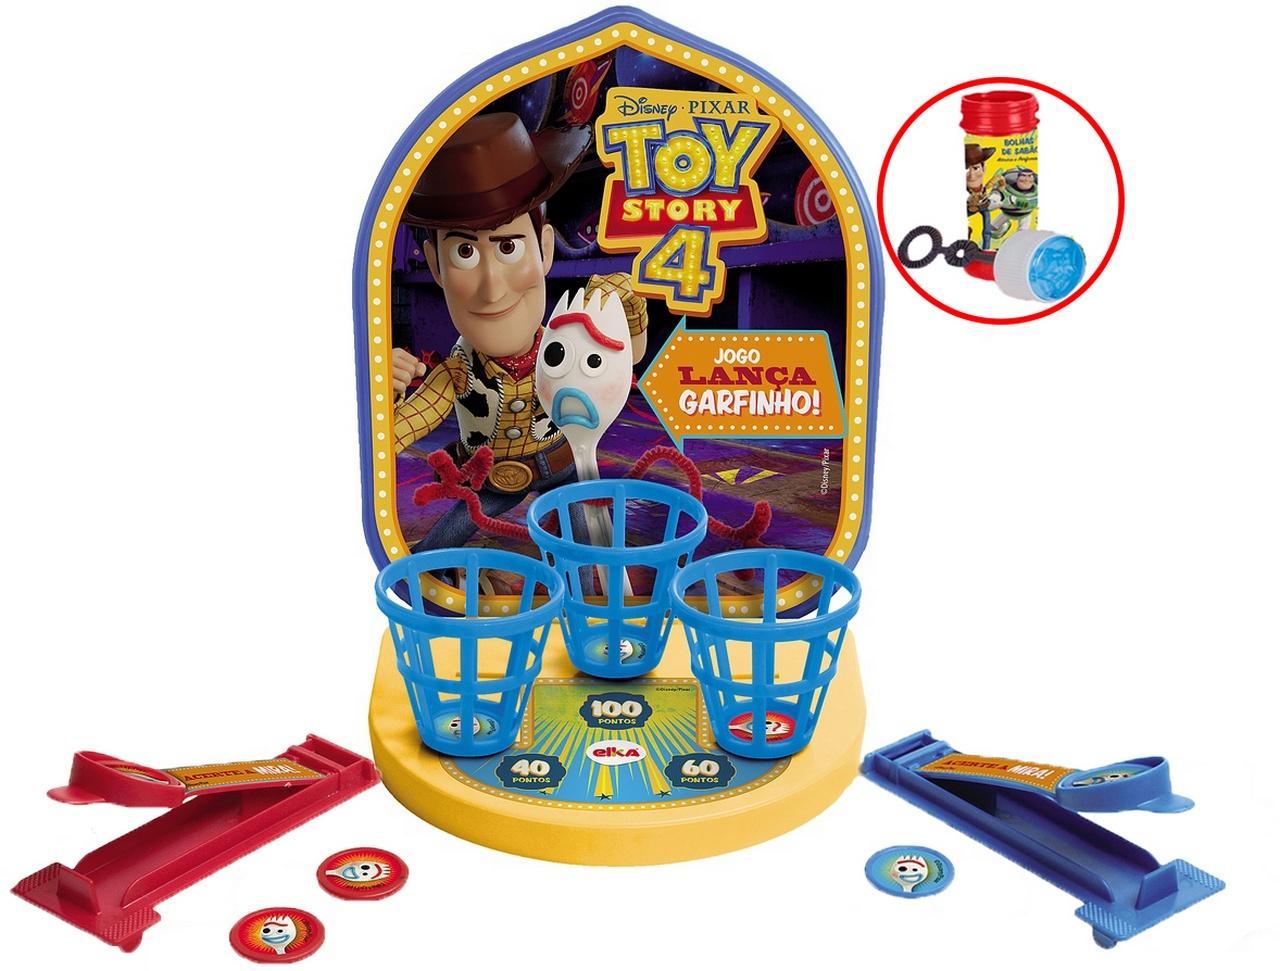 Jogo Lança Garfinho Toy Story 4 Brinquedo Educativo Infantil Bolhas De Sabão Menina Menino +4 Anos Lançamento 2019 Elka Original